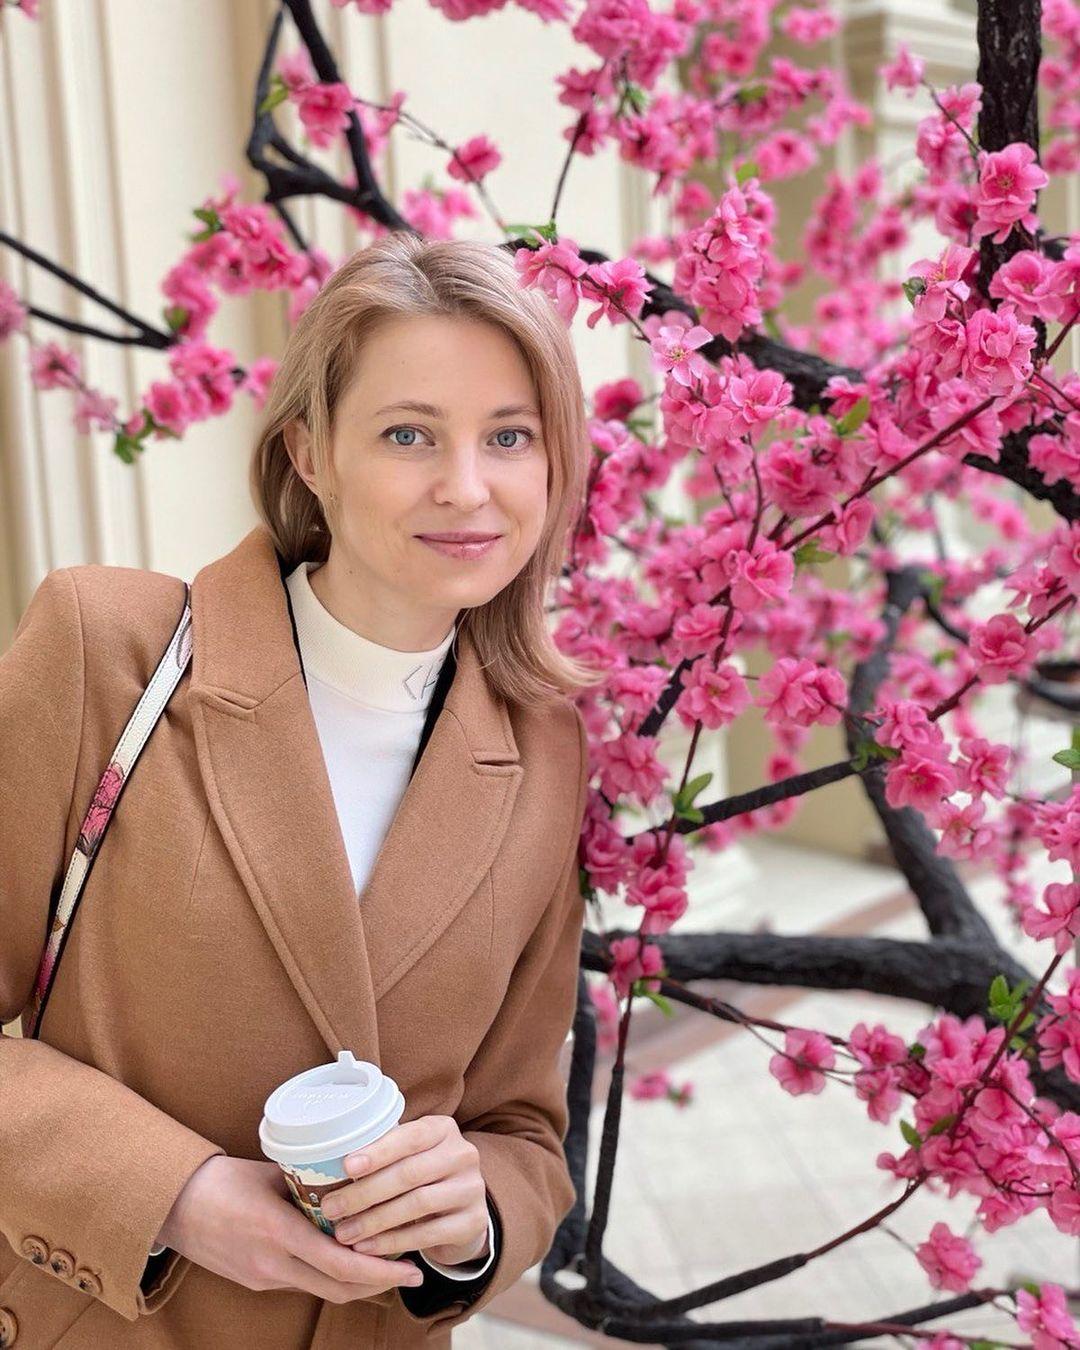 Natalia-Poklonskaya